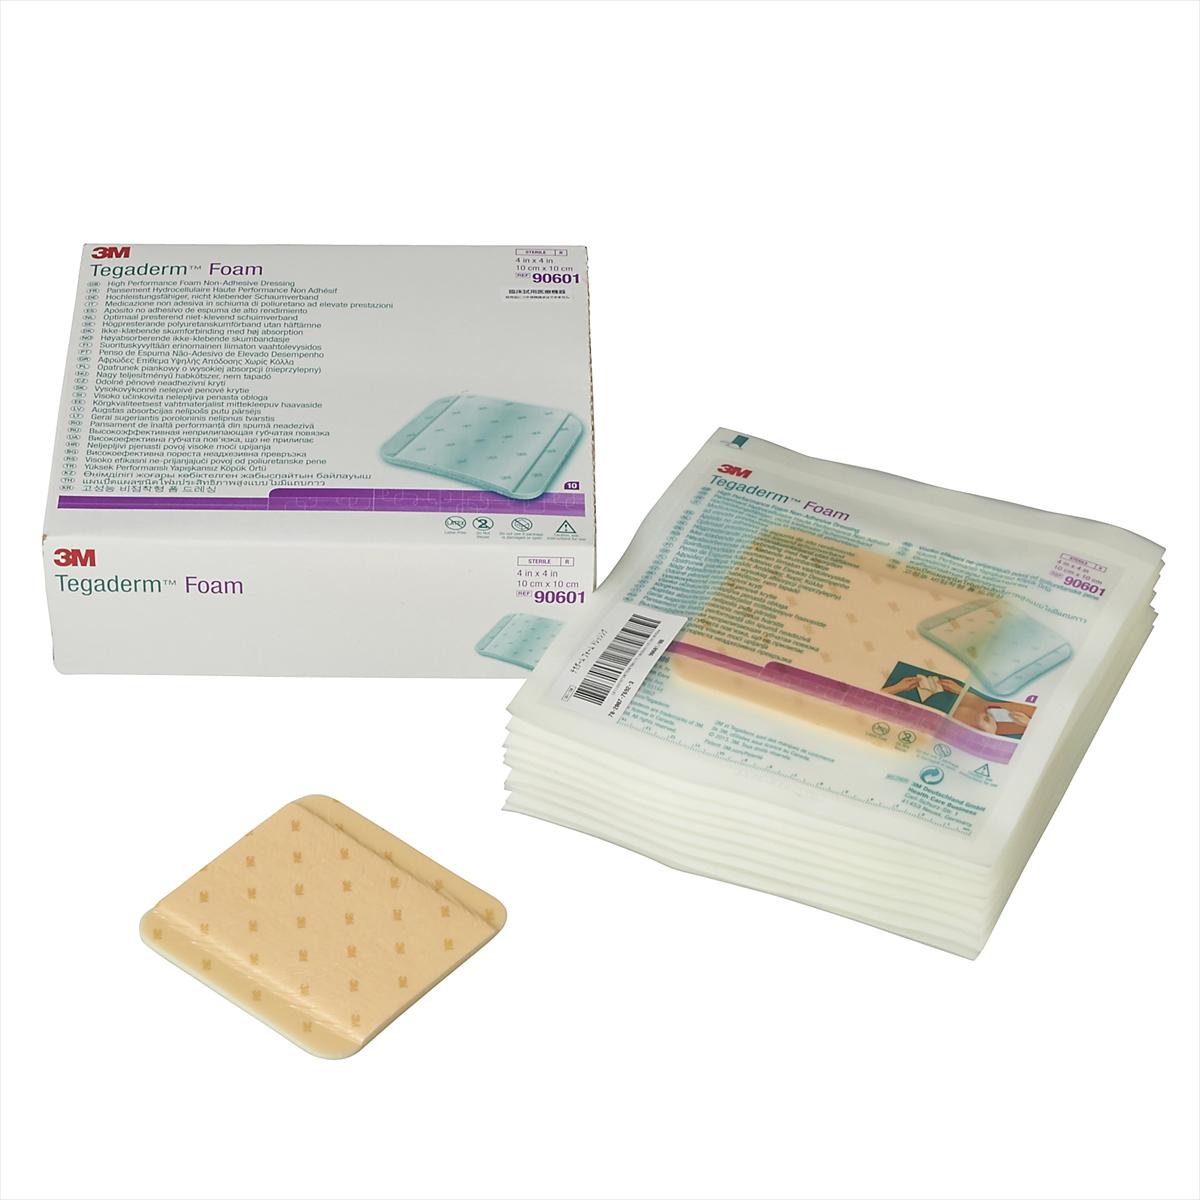 3M(スリーエム) テガダーム フォーム ドレッシング 10cm×10cm 10枚/箱 [90601] 高度管理医療機器